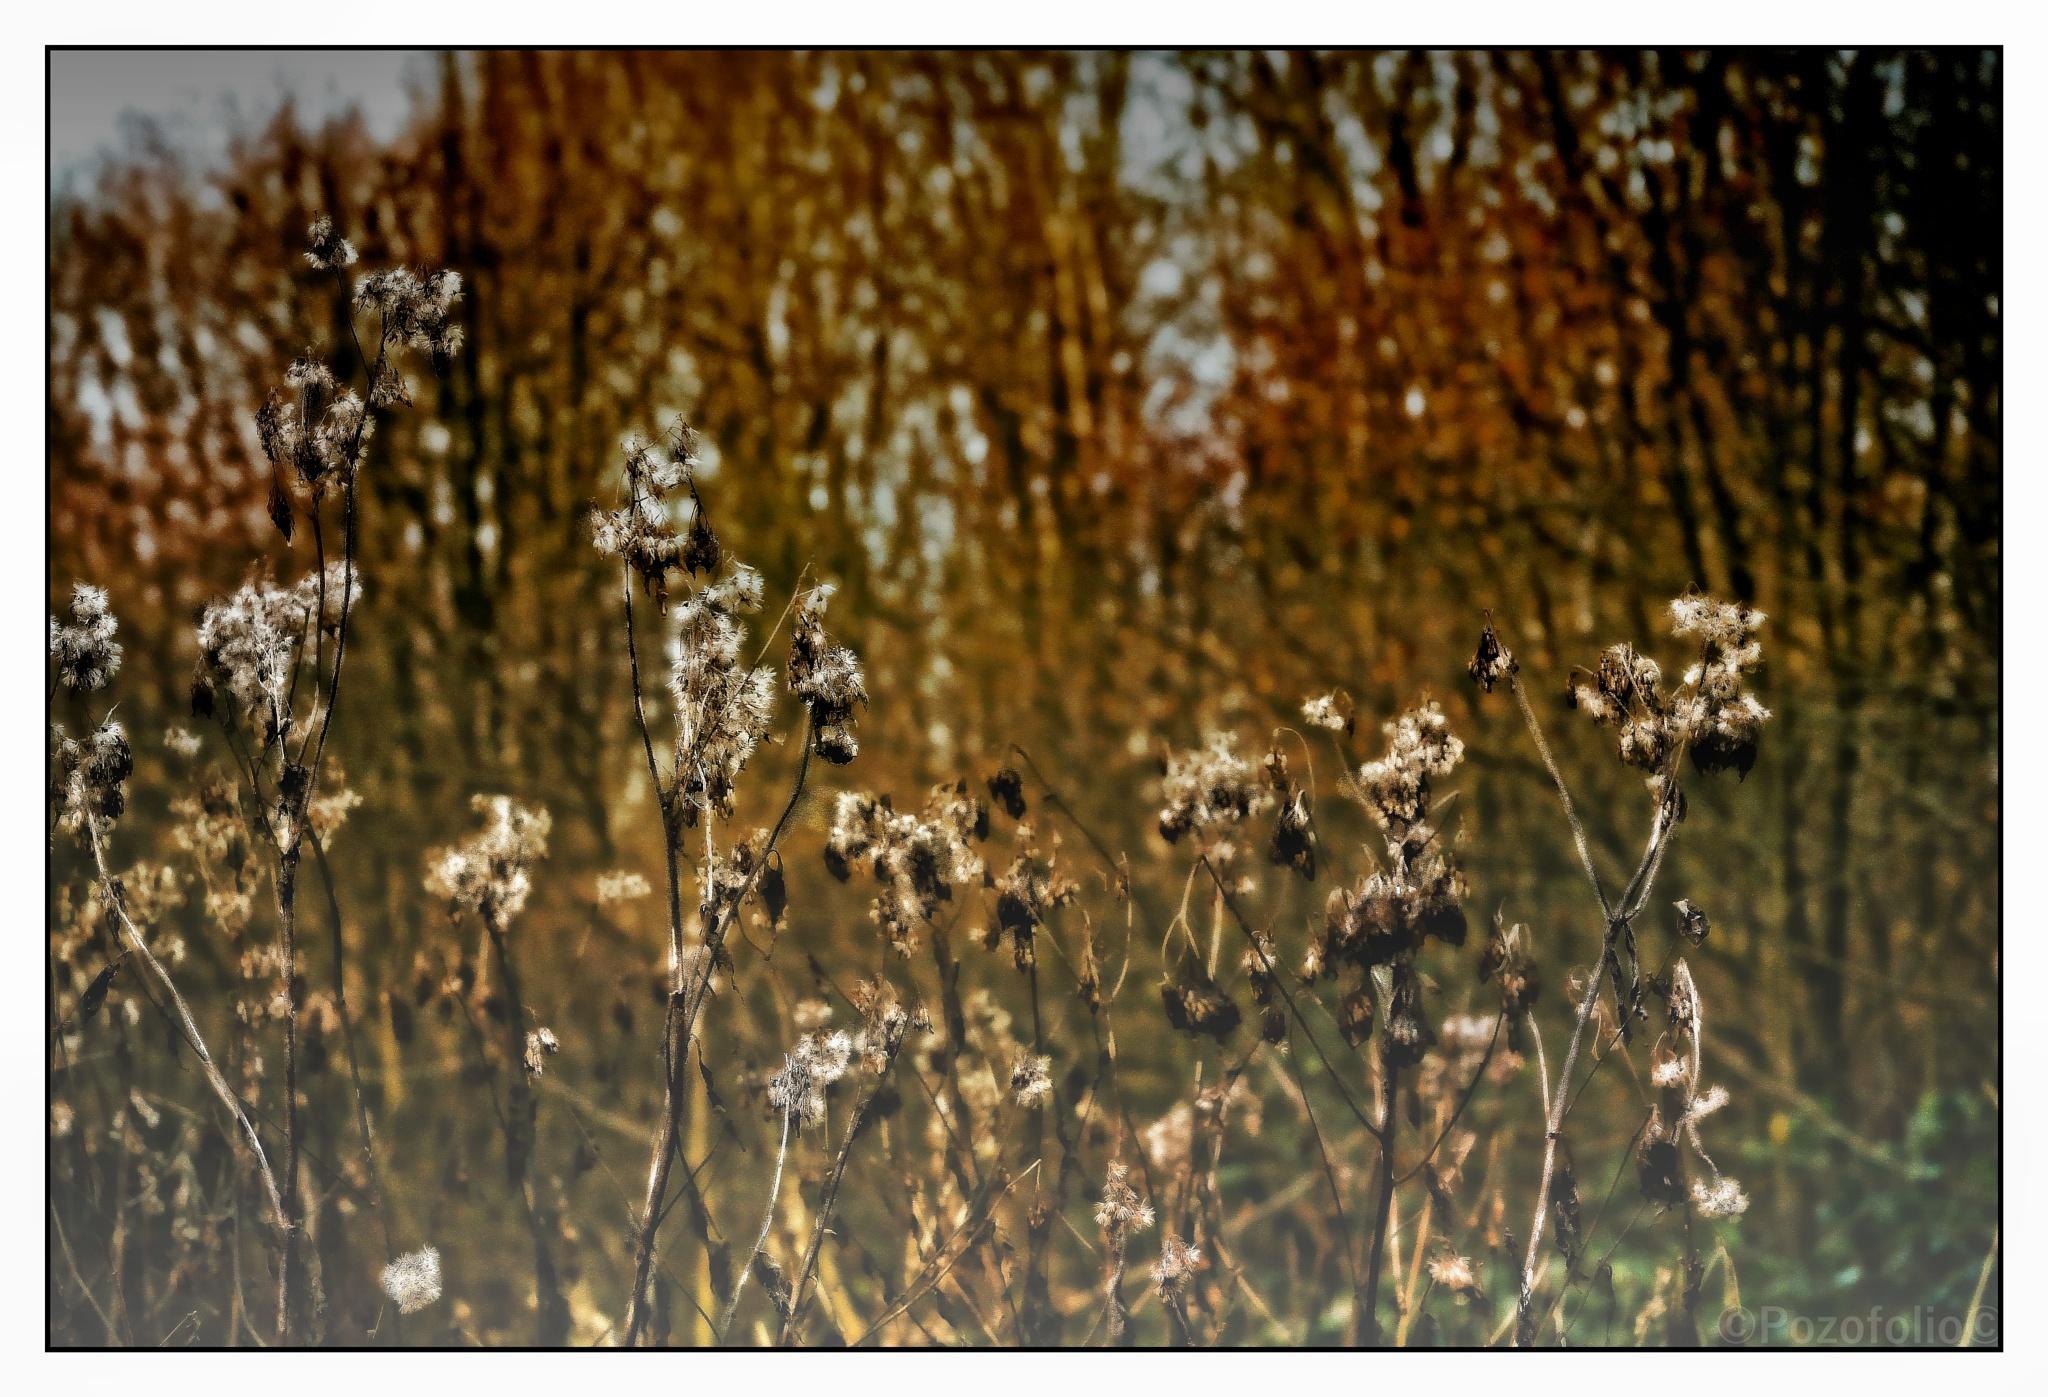 Winterflowers by Pozofolio